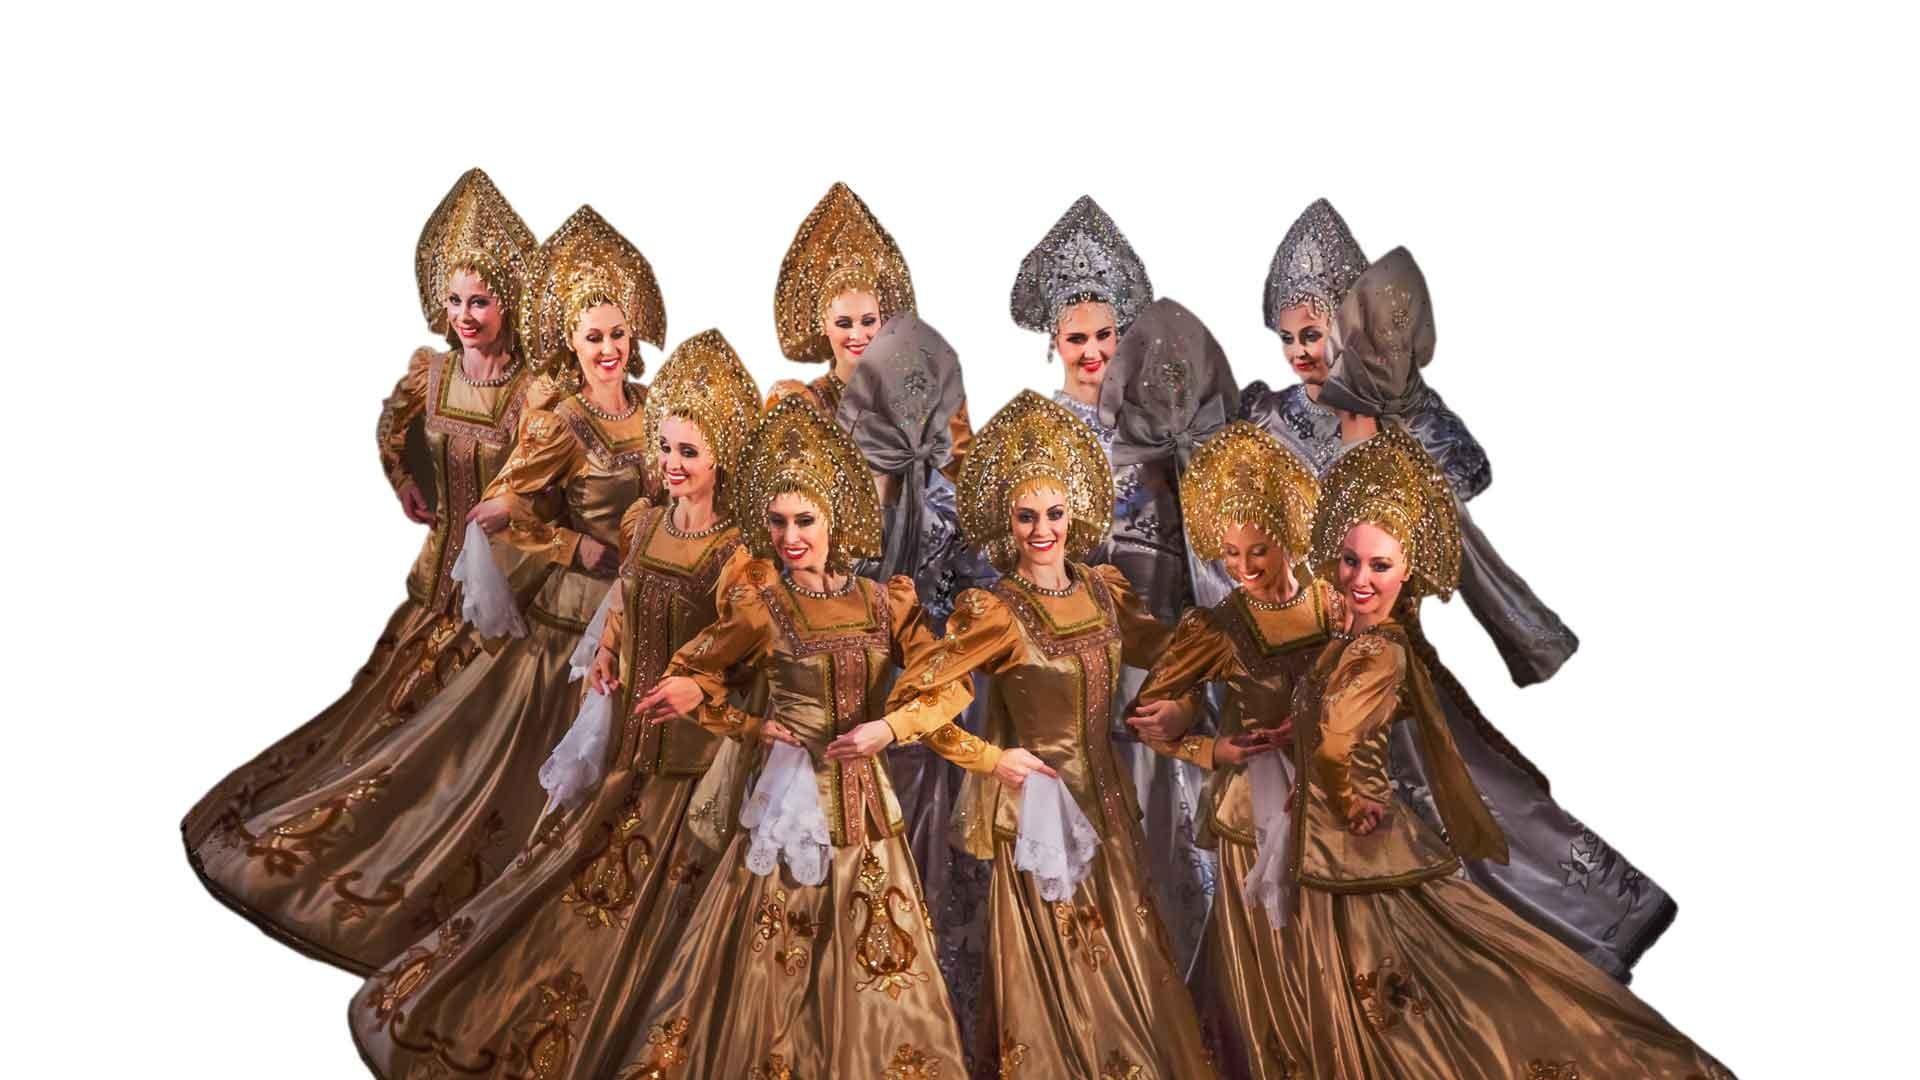 Государственный академический хореографический ансамбль «Берёзка» имени Н.С. Надеждиной. Юбилейный концерт